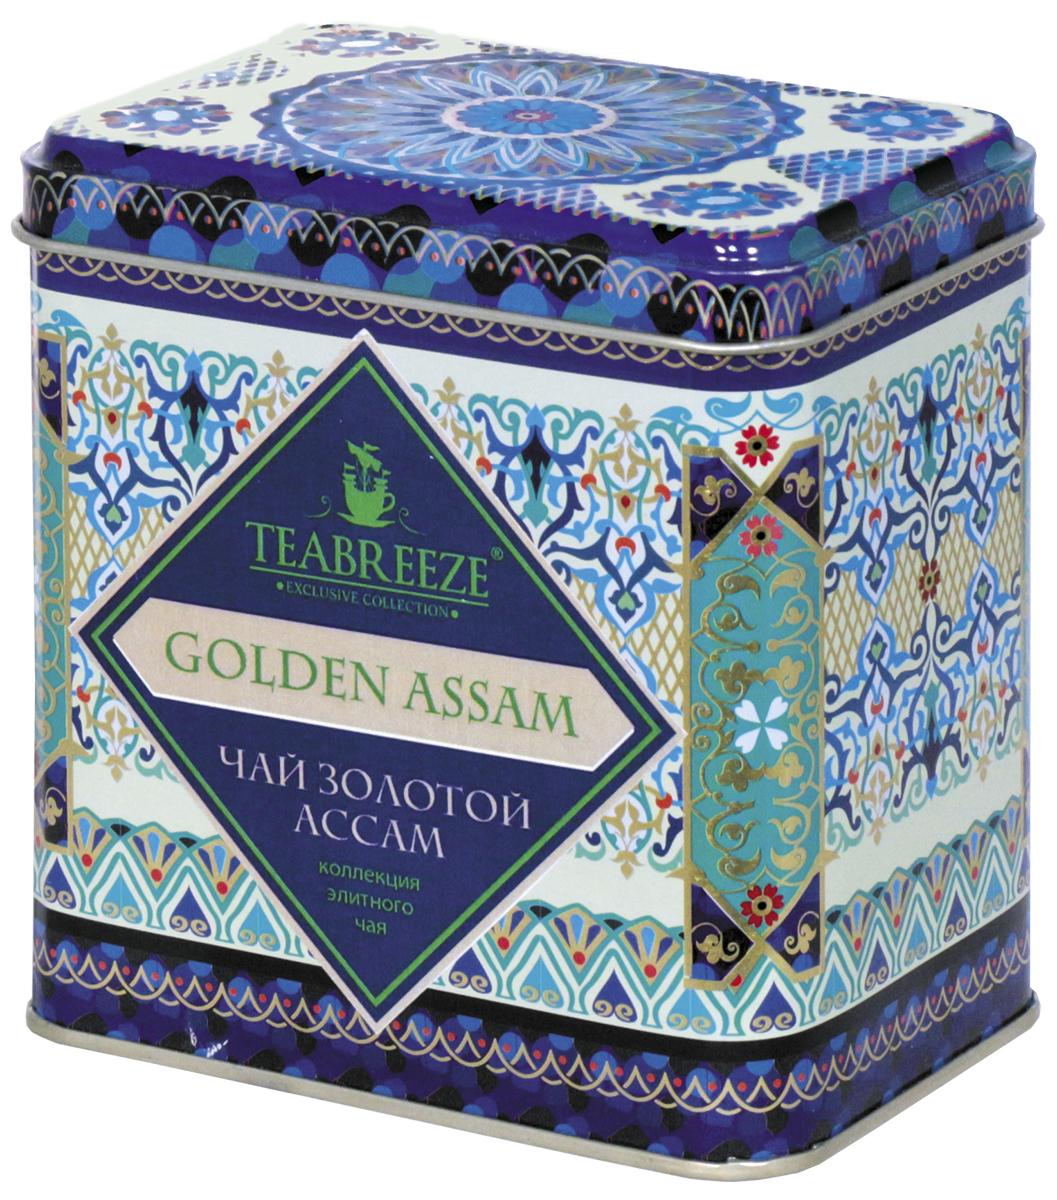 Teabreeze Золотой Ассам чай черный(прямоугольная), 100 гТВ 3004-100TEABREEZE. Чай в подарочной жестяной банке. Чай Золотой Ассам - Черное золото Индии. Именно так следует называть чай из провинции Ассам. Этот чай прославил не только своё место рождения. Его классический, немного вяжущий вкус познакомил весь мир с черным индийским чаем. Ароматный, золотой настой «assam tea» пришелся по вкусу английской династии принцев Оранских, за что и был удостоен высочайшего внимания и распространился по всему миру. Теперь качество чайного листа с золотых высокогорий индийских Гималаев отмечается именно так: чай, достойный королей. Прикоснуться к великой традиции чаепития поможет «Золотой Ассам». Его терпкий настой с тончайшими оттенками вкуса радует глаз и оставляет на языке непередаваемую гамму стойкого чайного послевкусия.